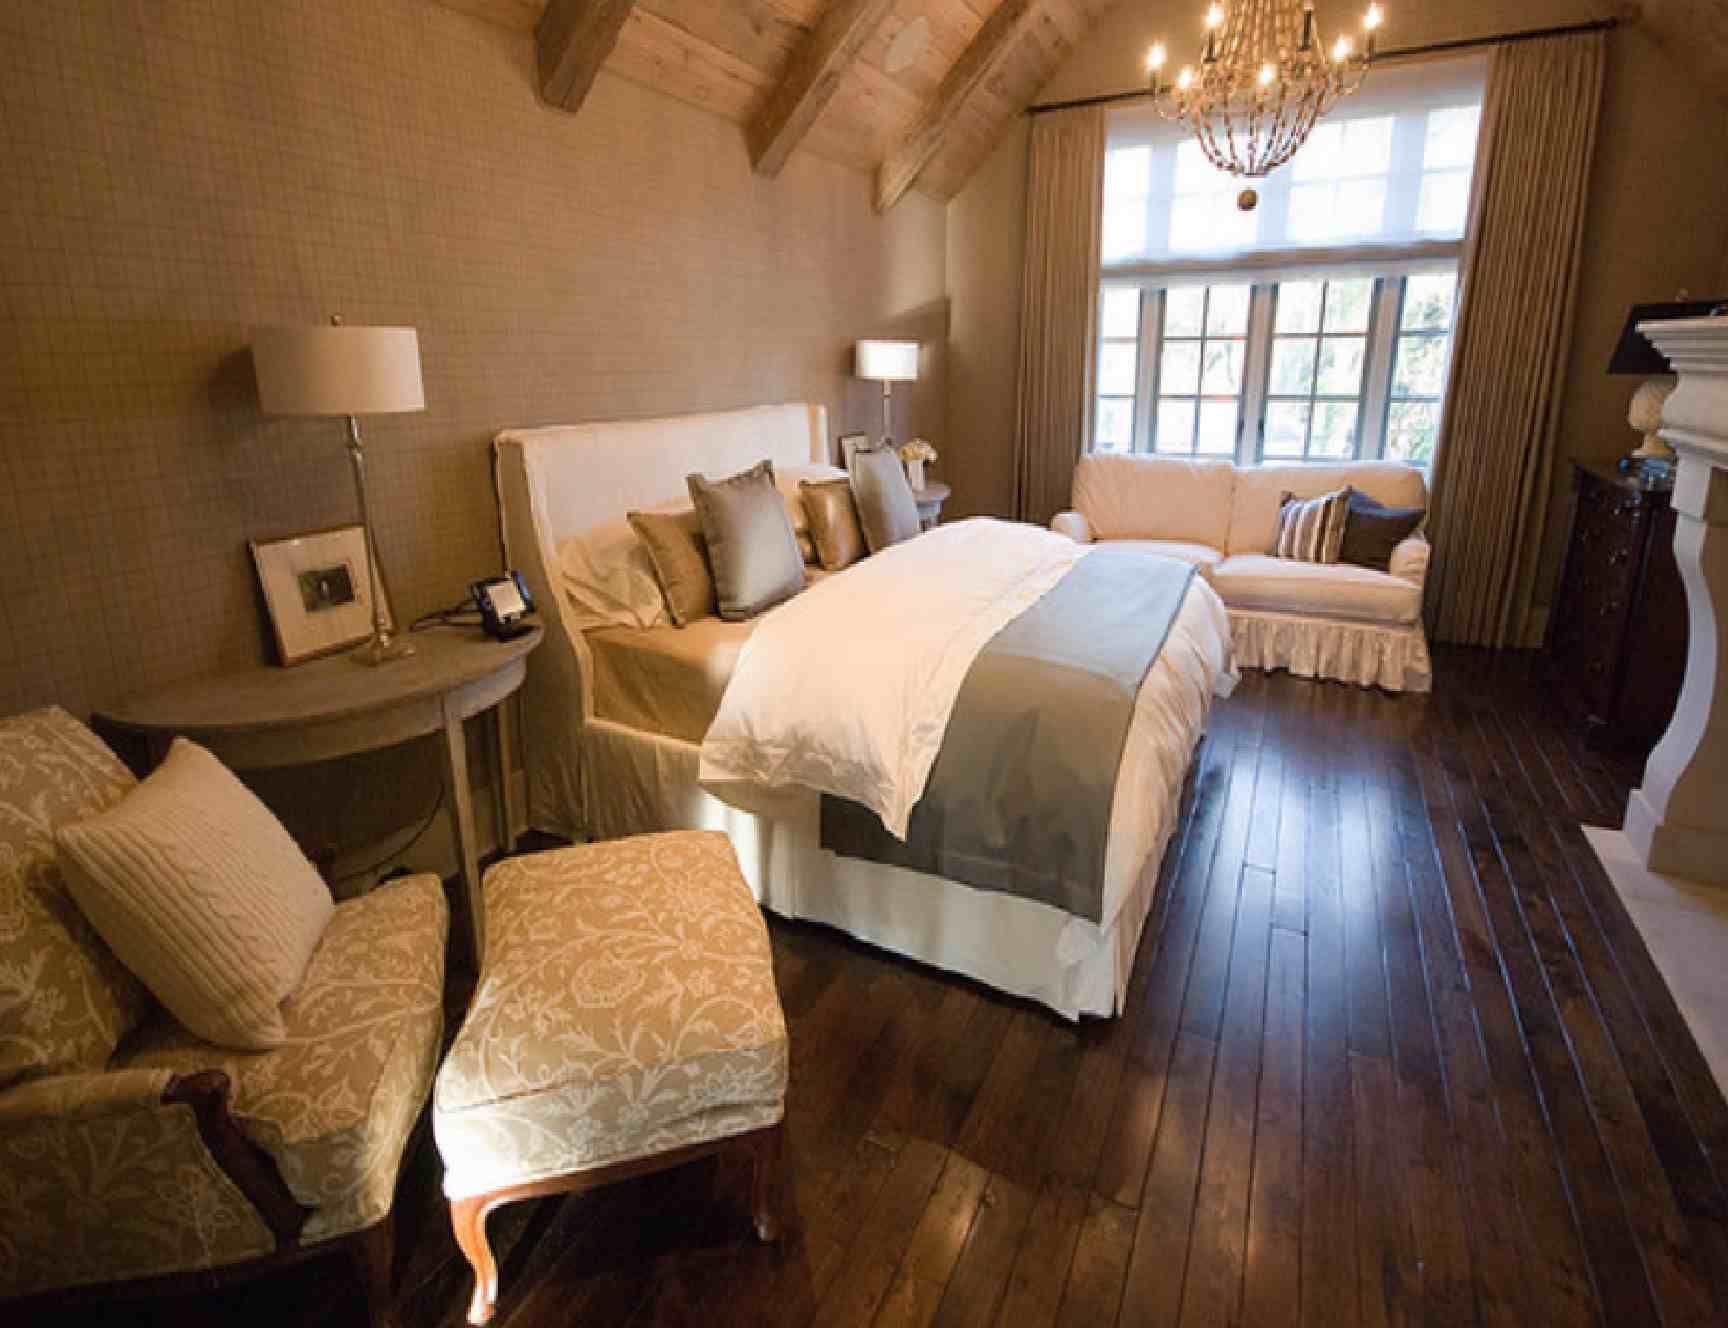 Luxury Brown Bedroom Warm Interior Design 1,728×1,328 Pixels